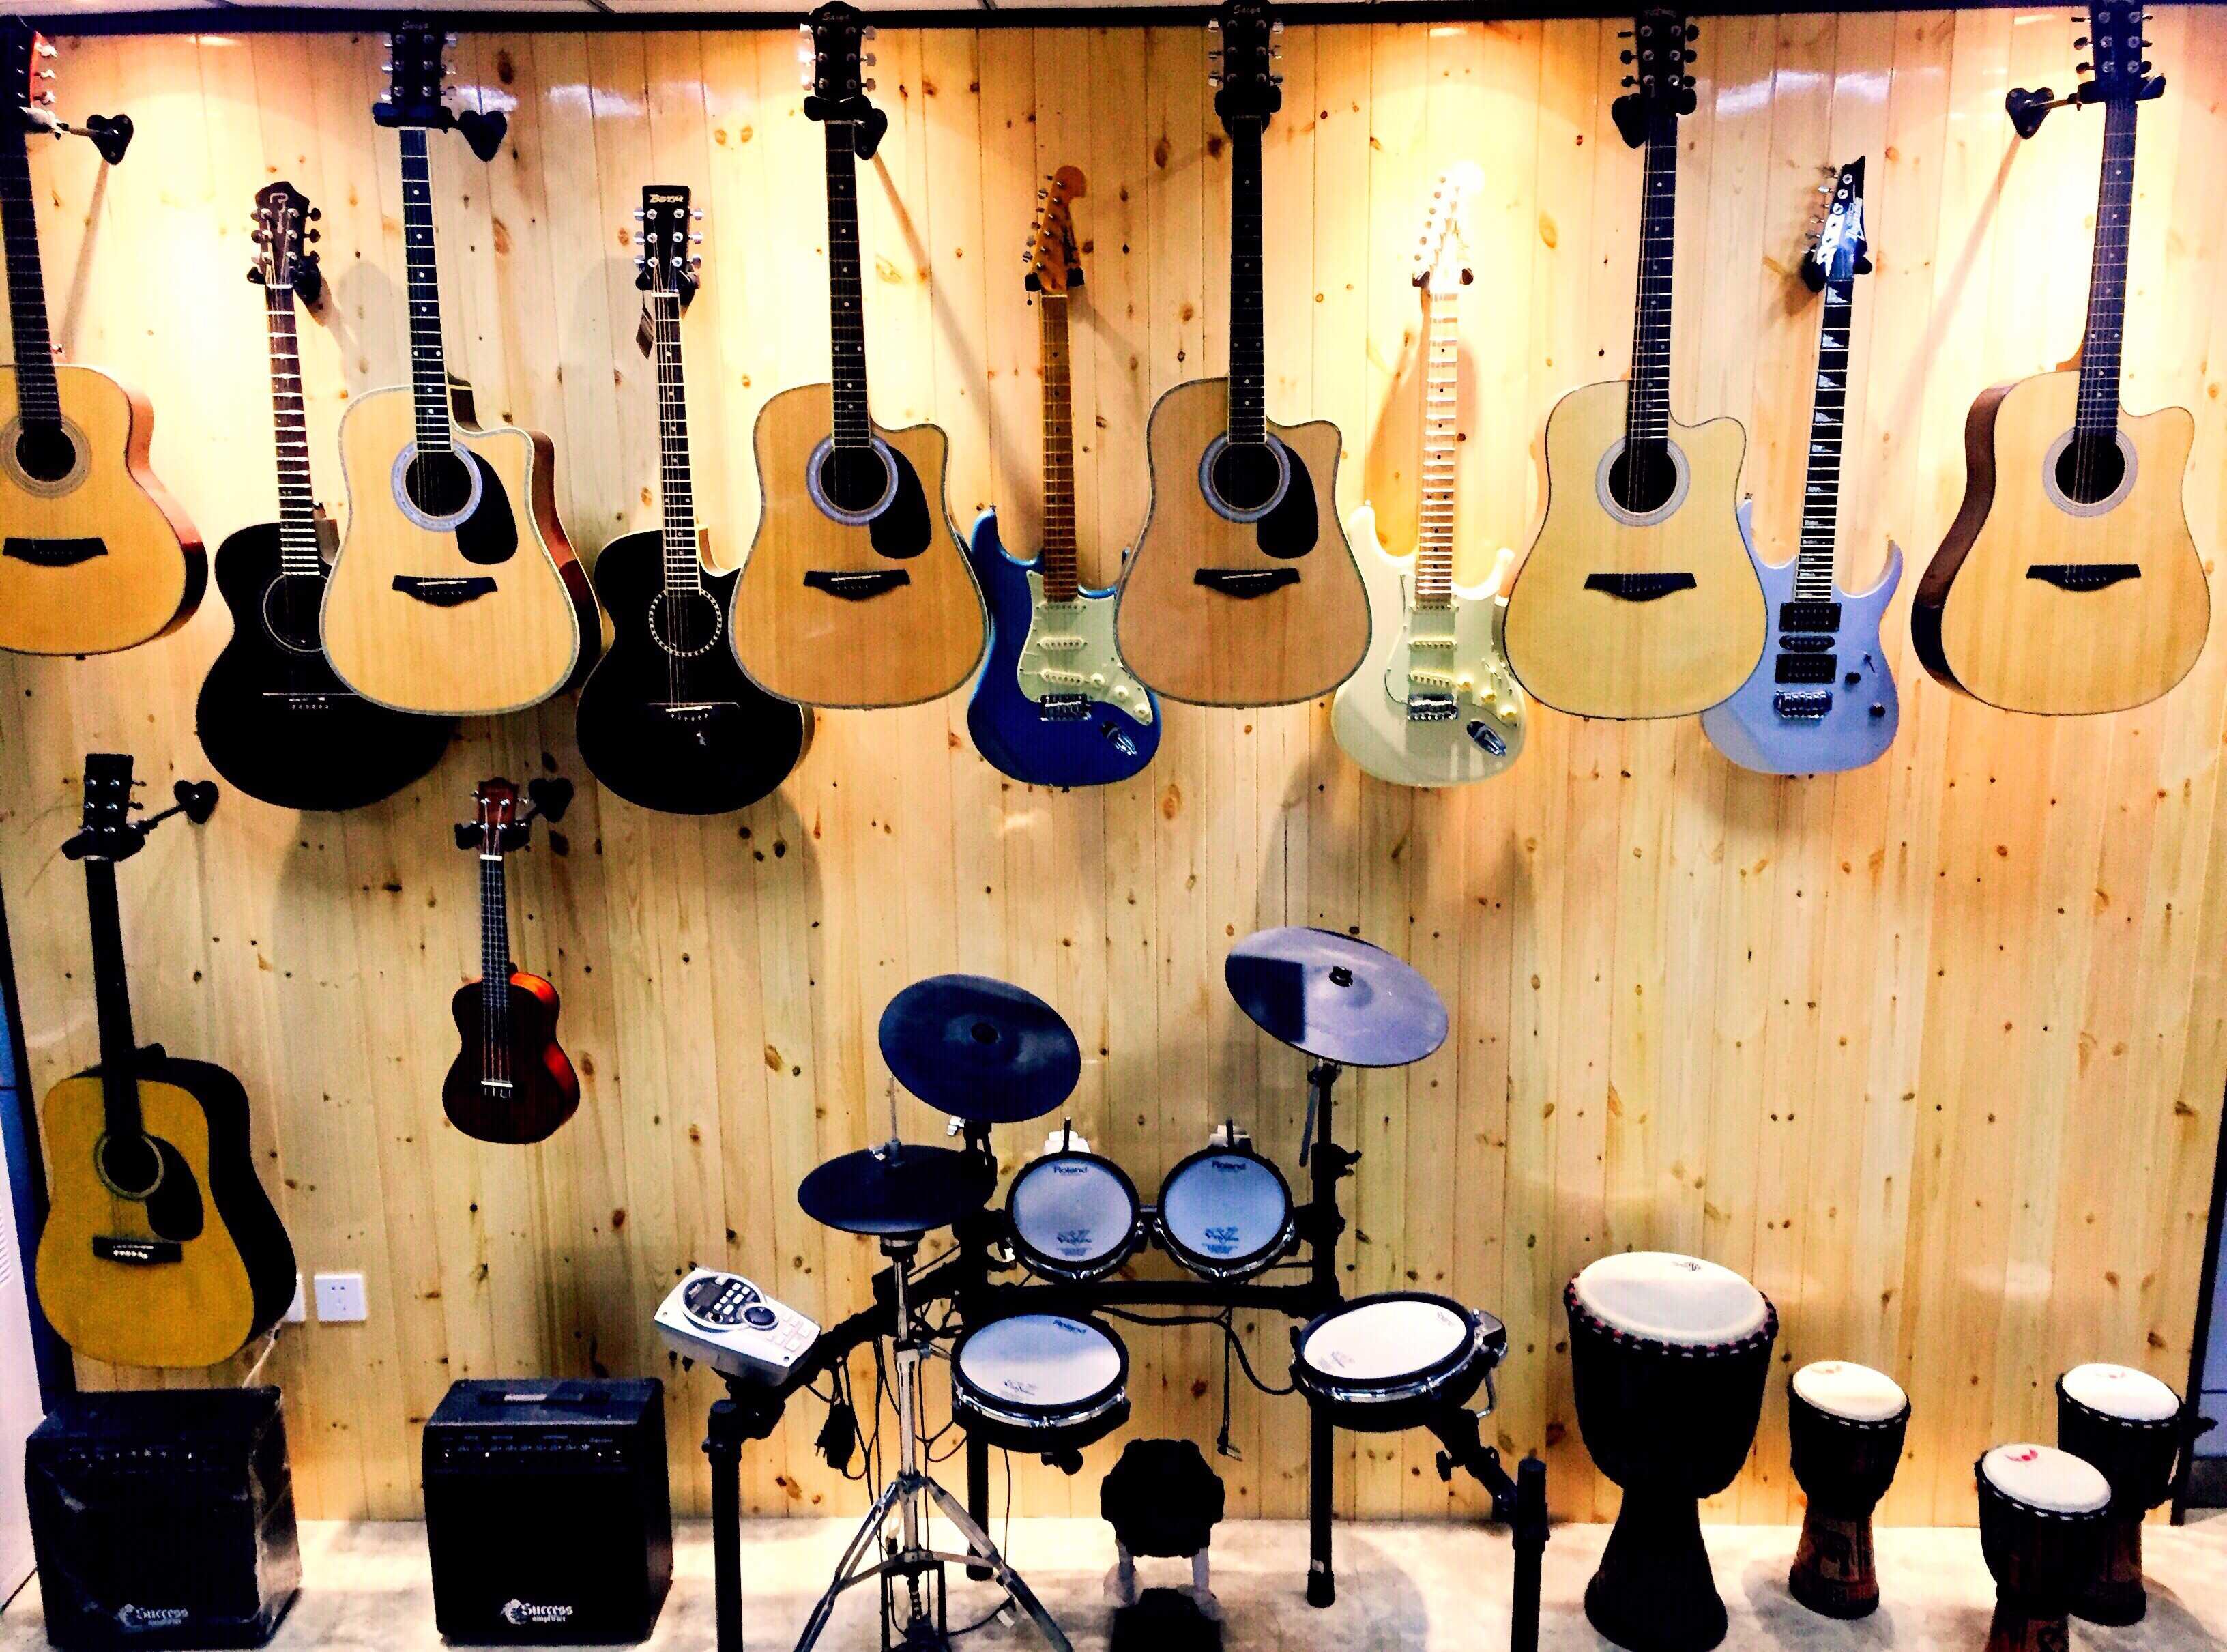 吉他课程场景